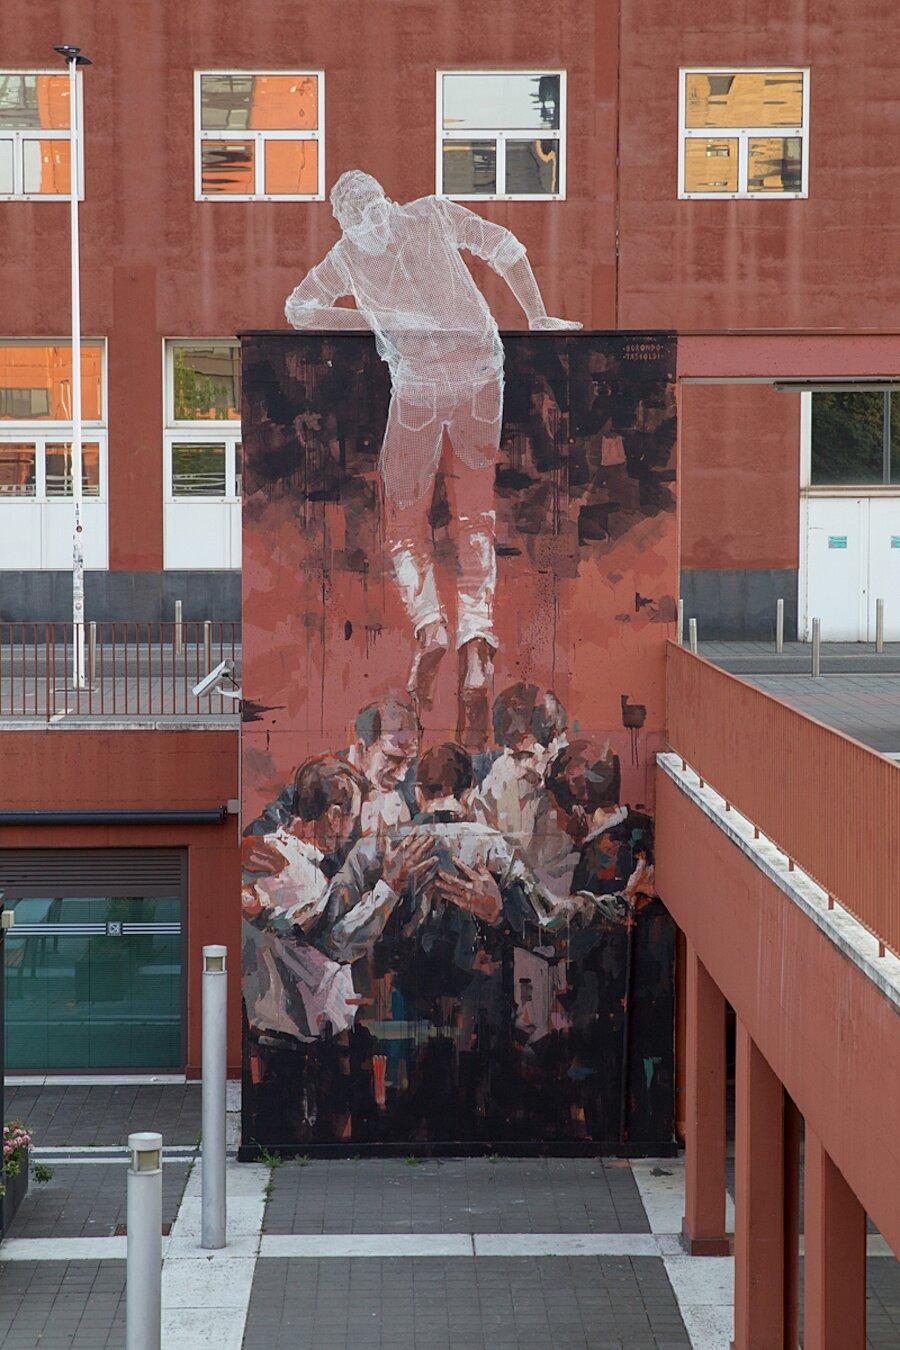 scultura-filo-metallo-street-art-edoardo-tresoldi-gonzalo-borondo-chained-bicocca-milano-7